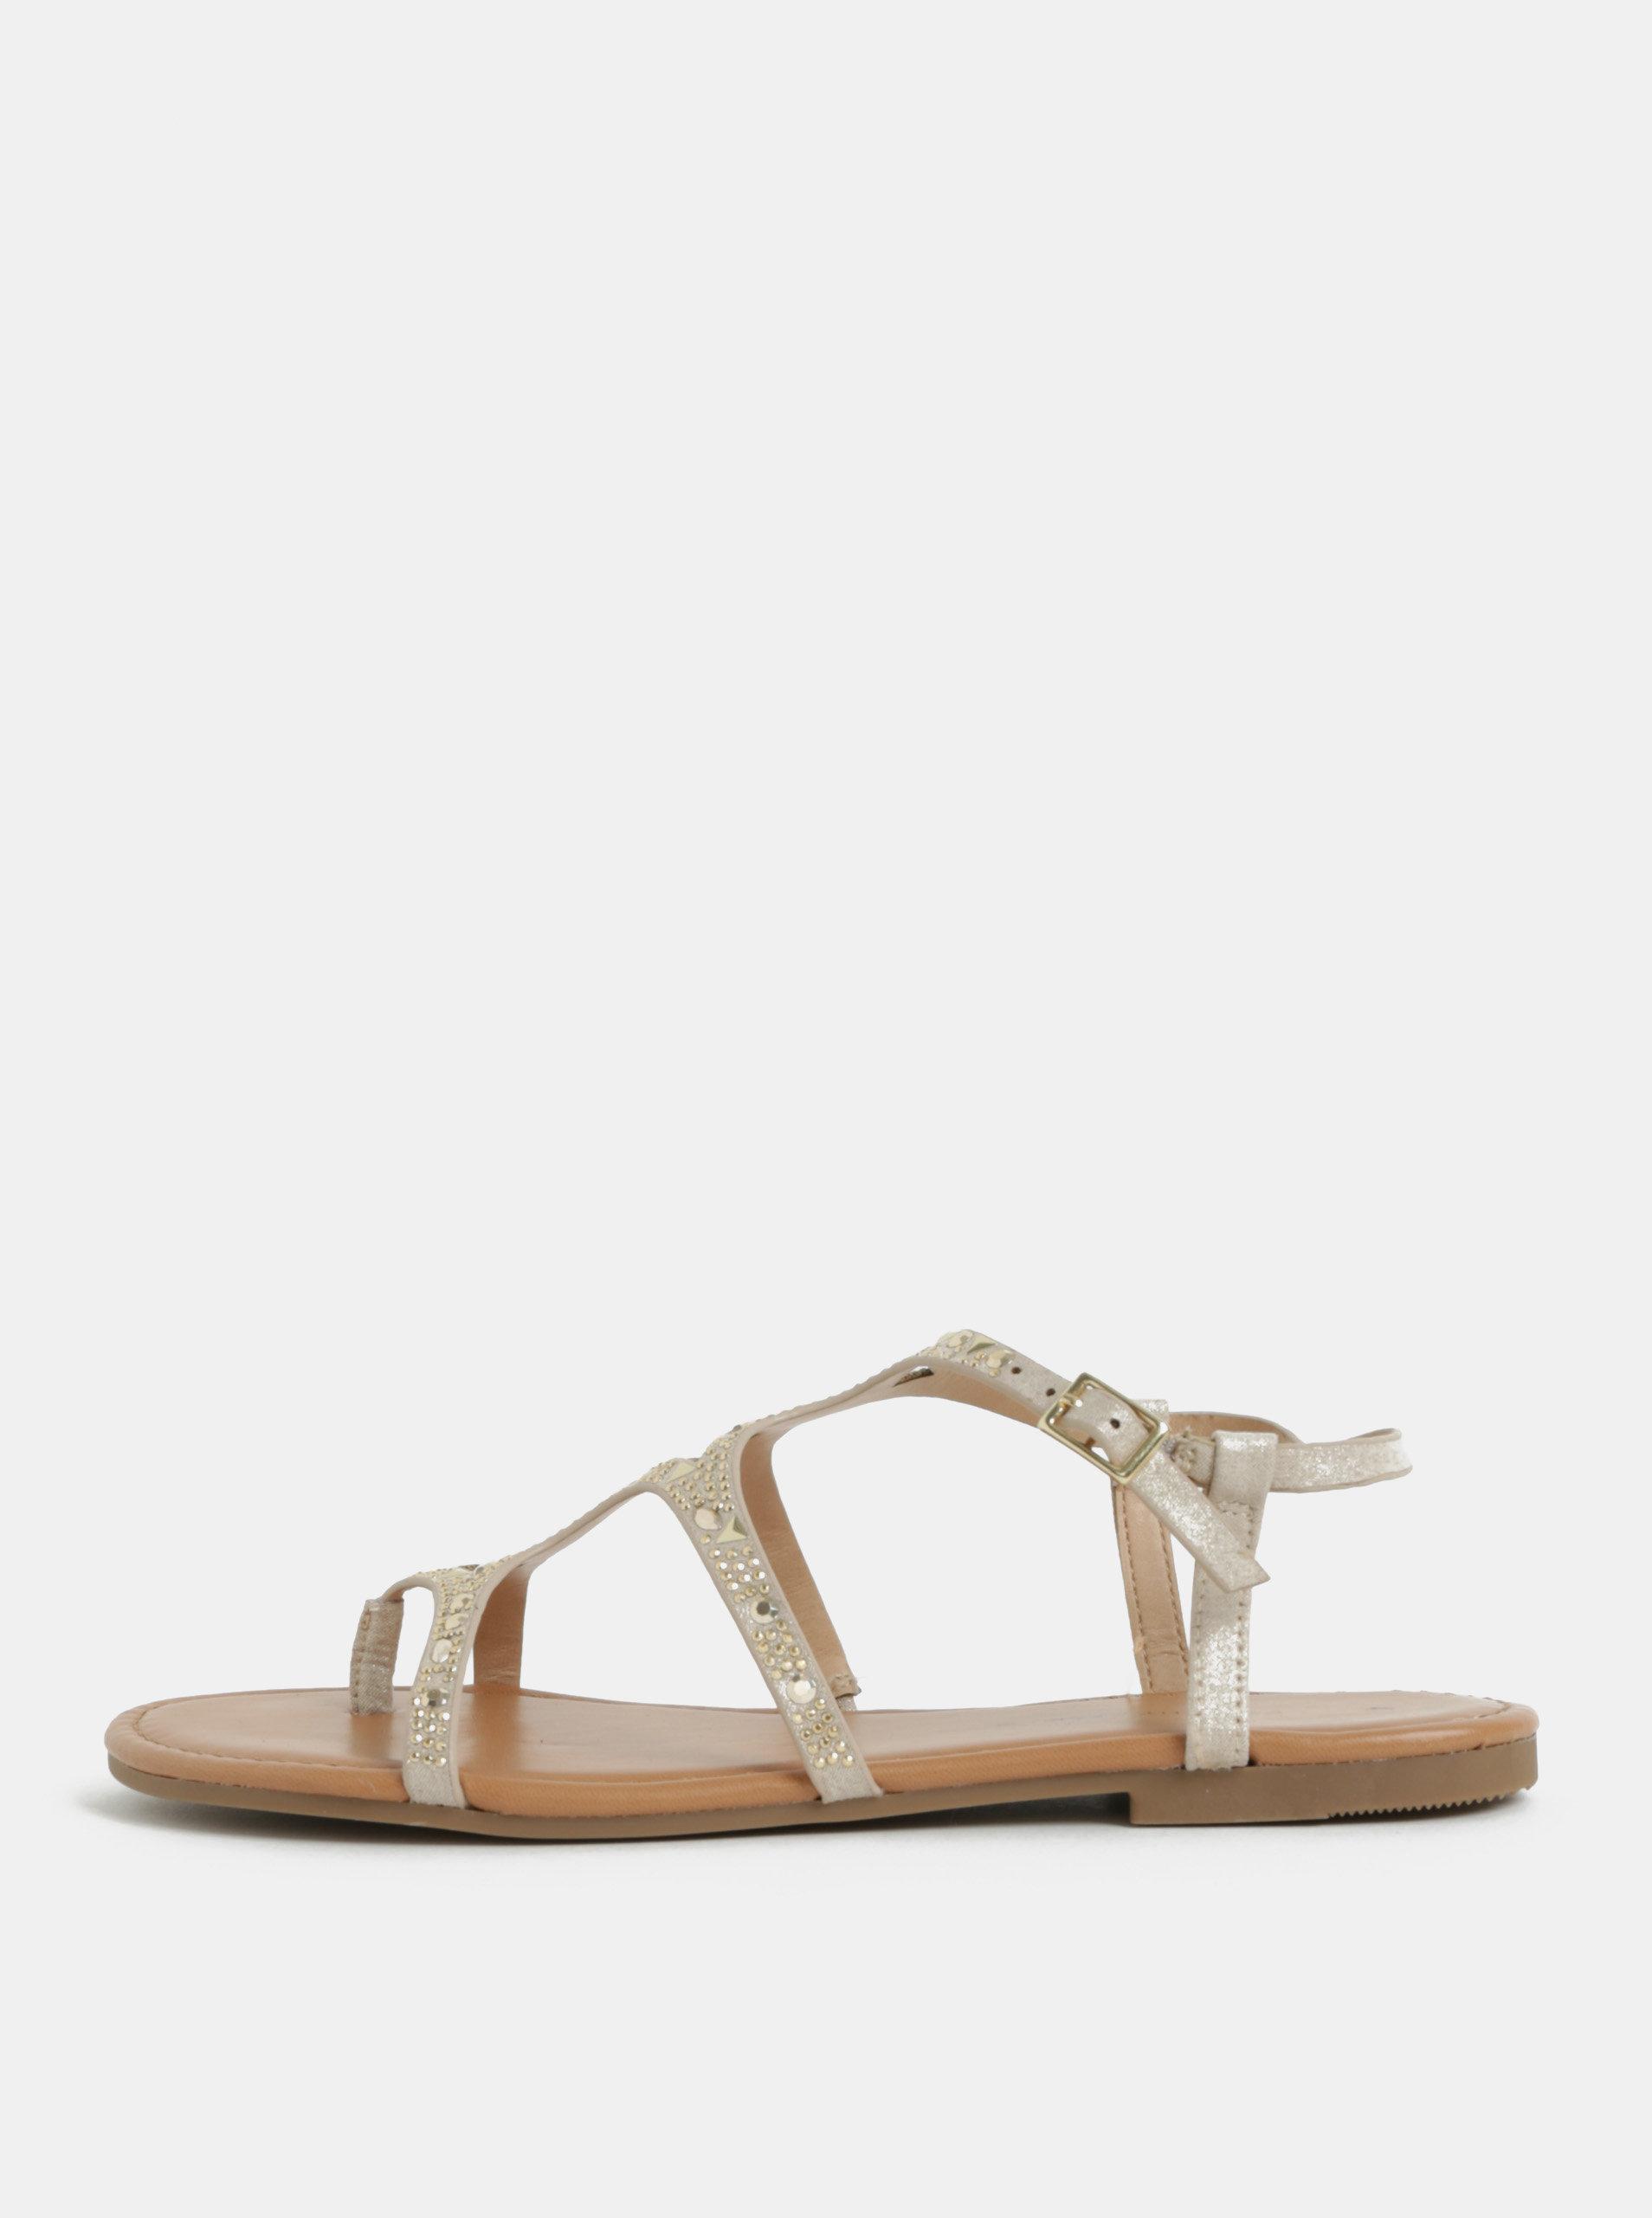 Béžové sandály s detaily ve zlaté barvě Dorothy Perkins